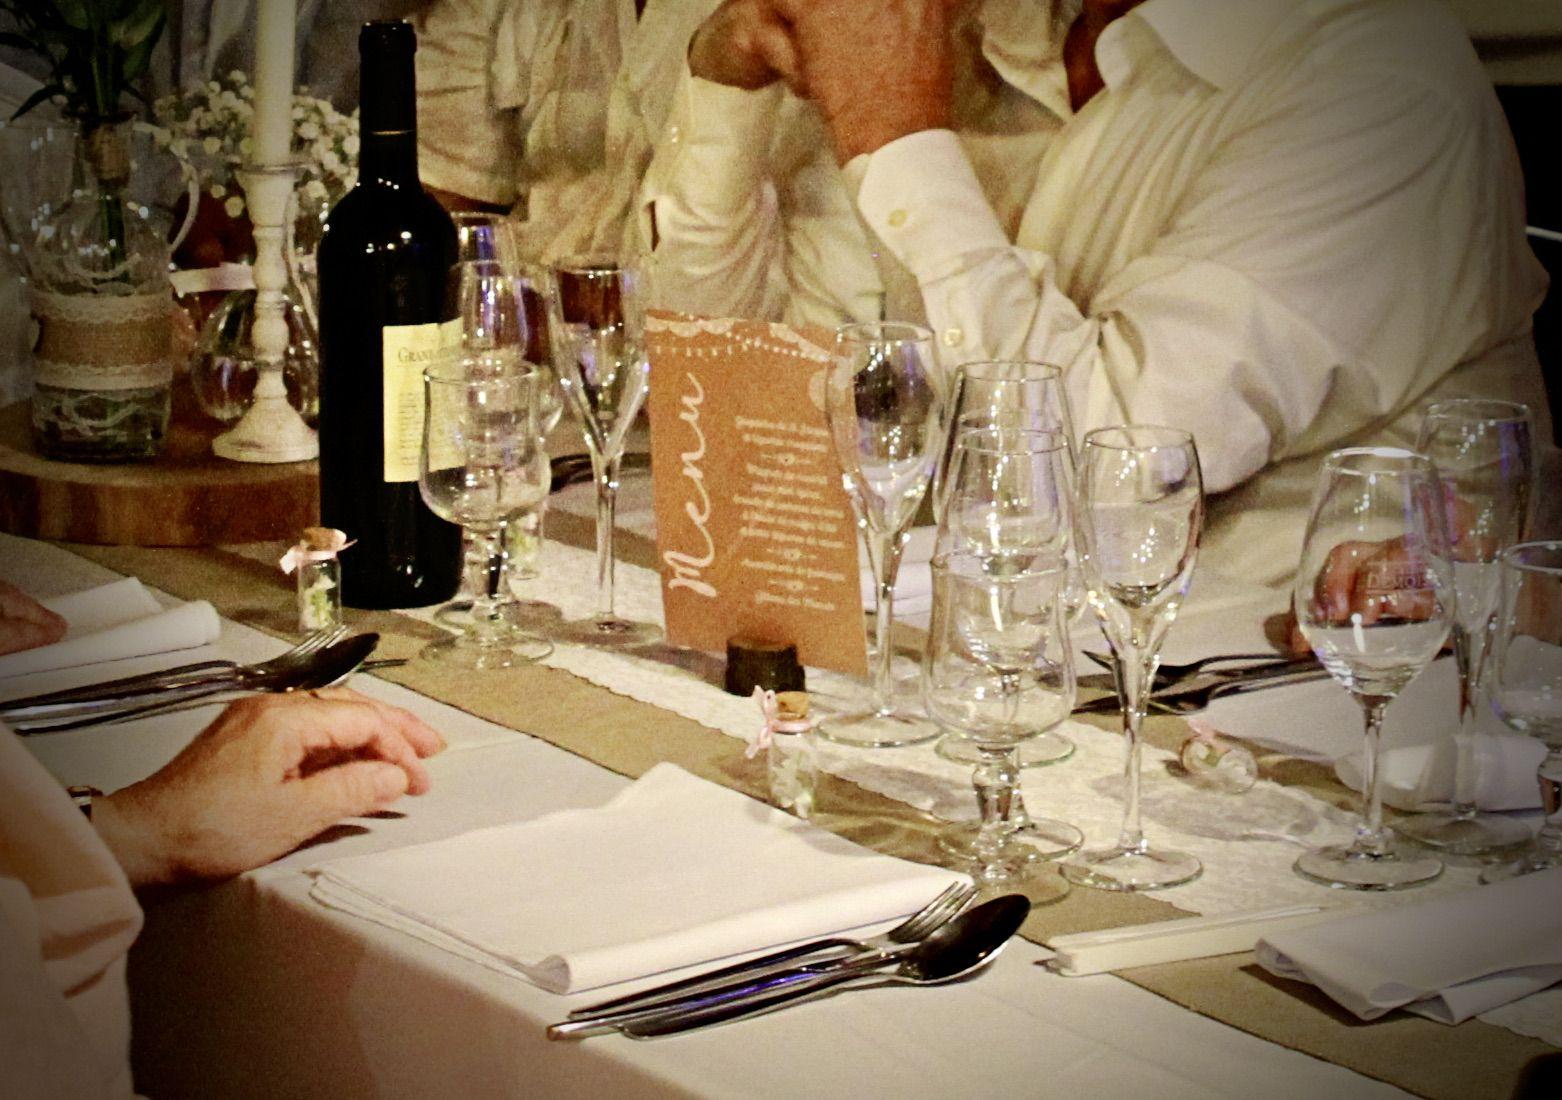 création originale et sur mesure options assorties au FP de mariage champêtre bohème attrape rêves couleurs pastels impression aplat fond type kraft affiche A3 bienvenue menus RV°A5 à personnaliser #efdcbysoscrap